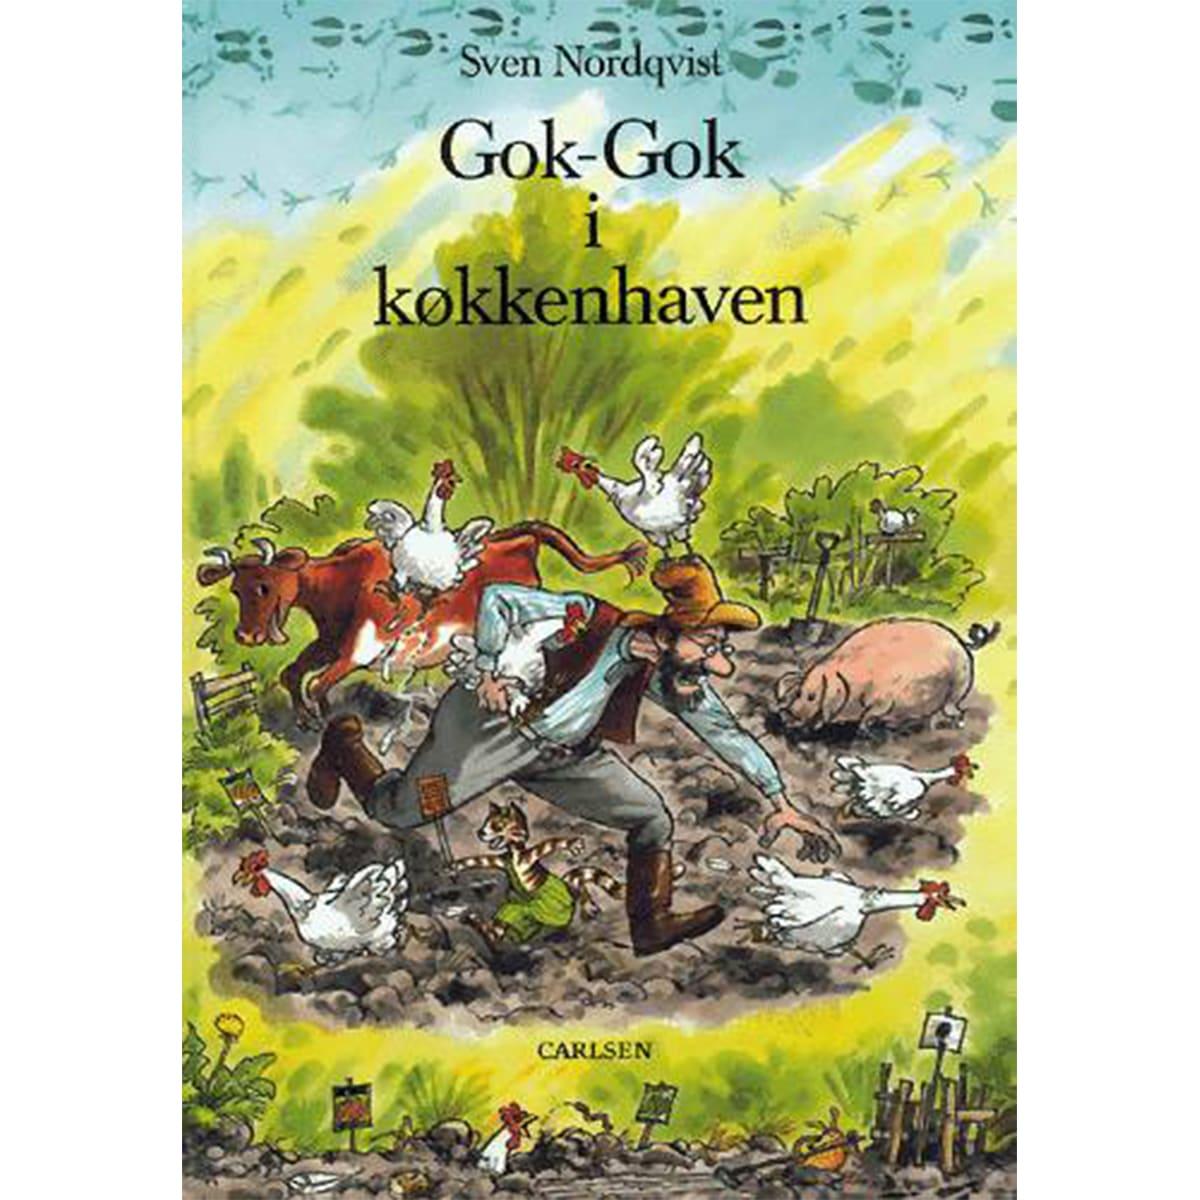 Af Sven Nordqvist